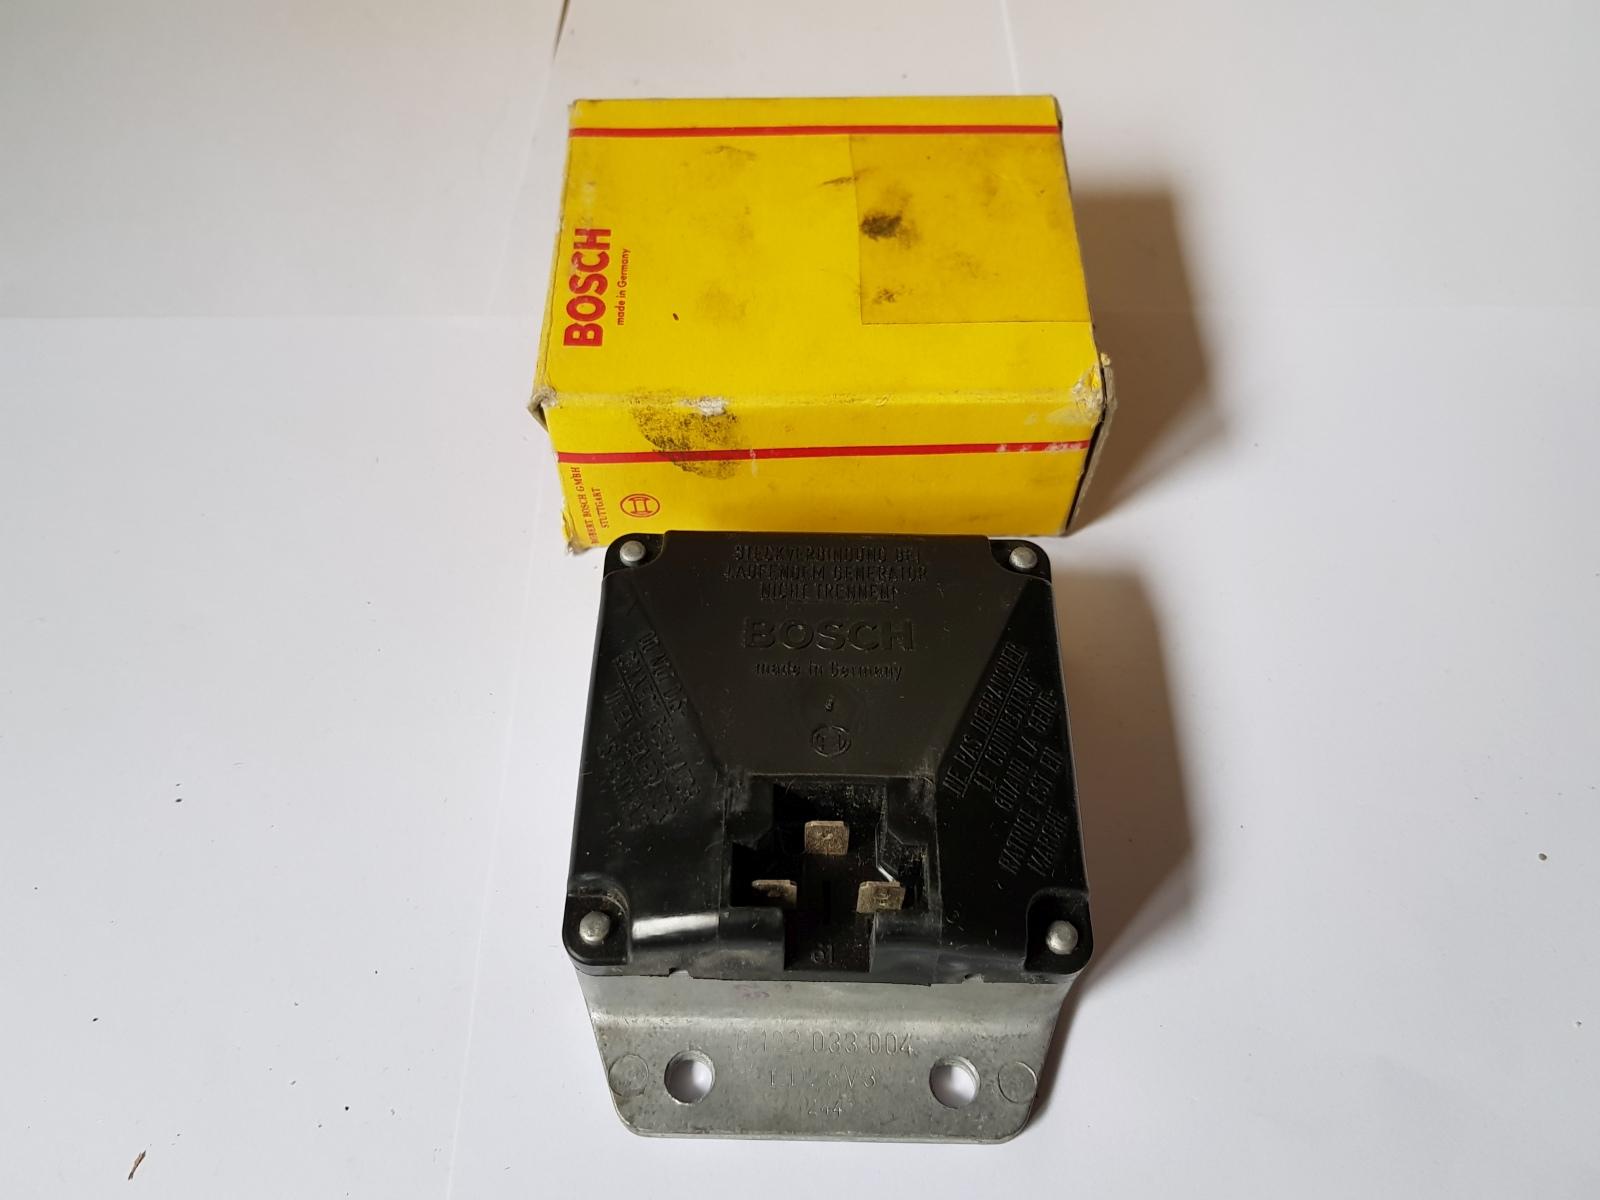 Bosch 0192033004 Generatorregler 28V ED28V3 Regler Spannungsregler Schalter